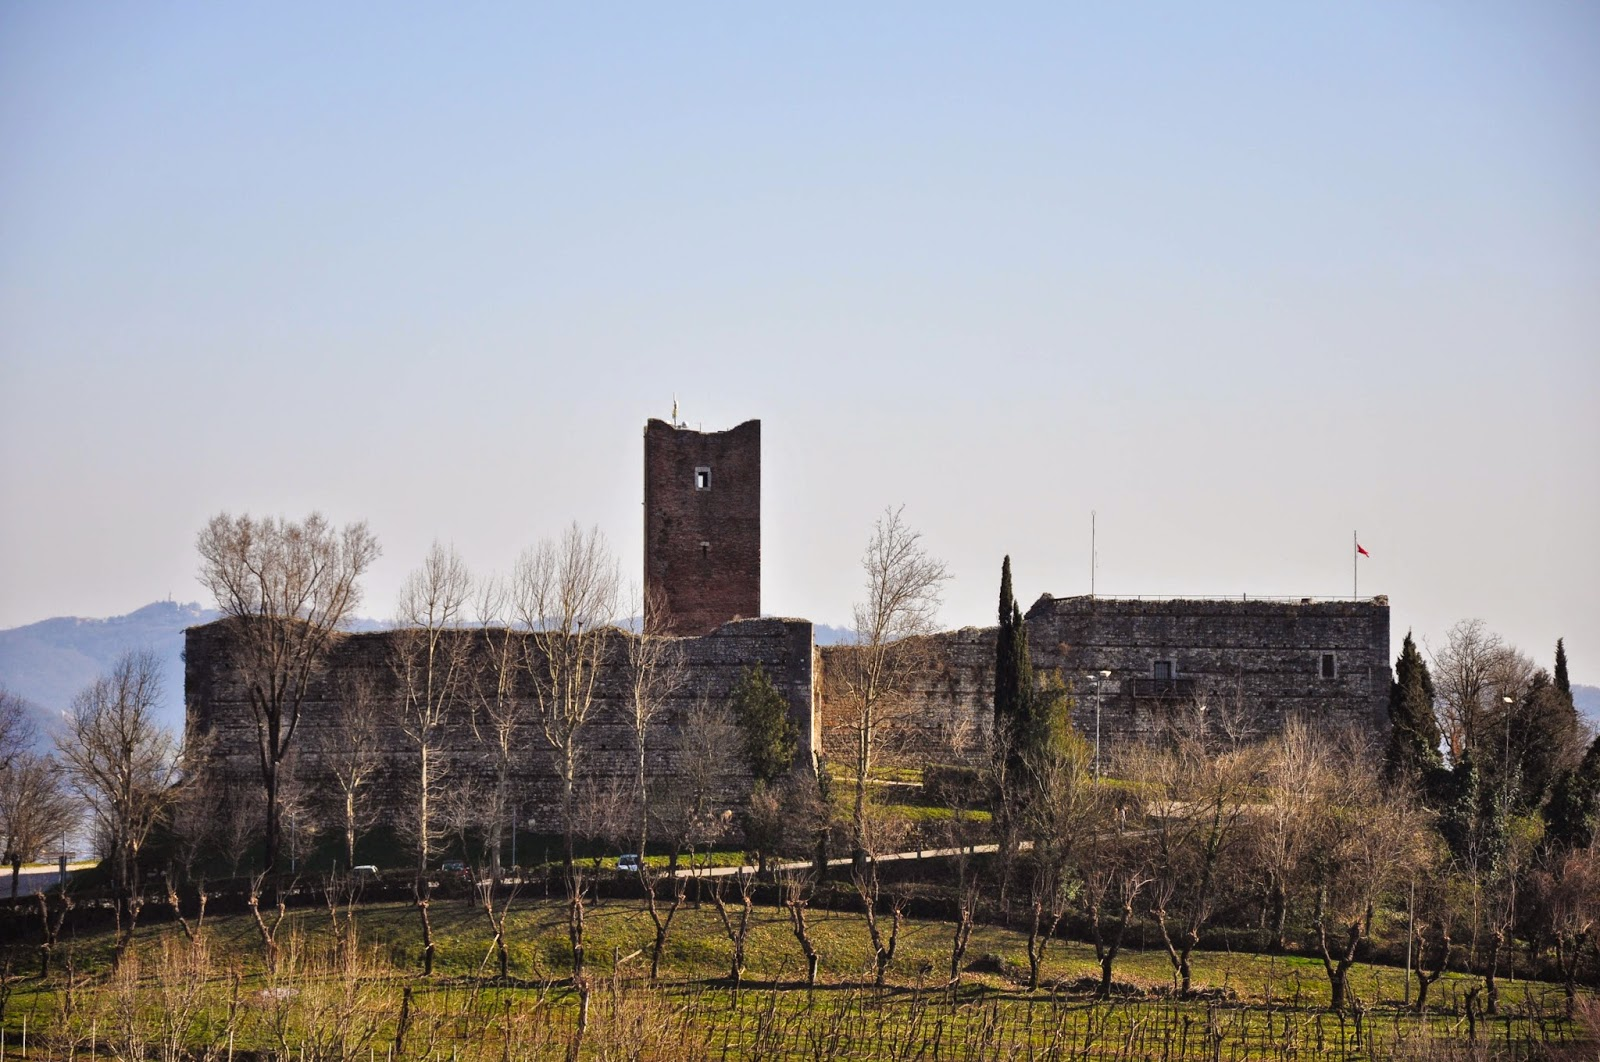 Juliet's Castle seen from the tower of Romeo's Castle, Montecchio Maggiore, Veneto